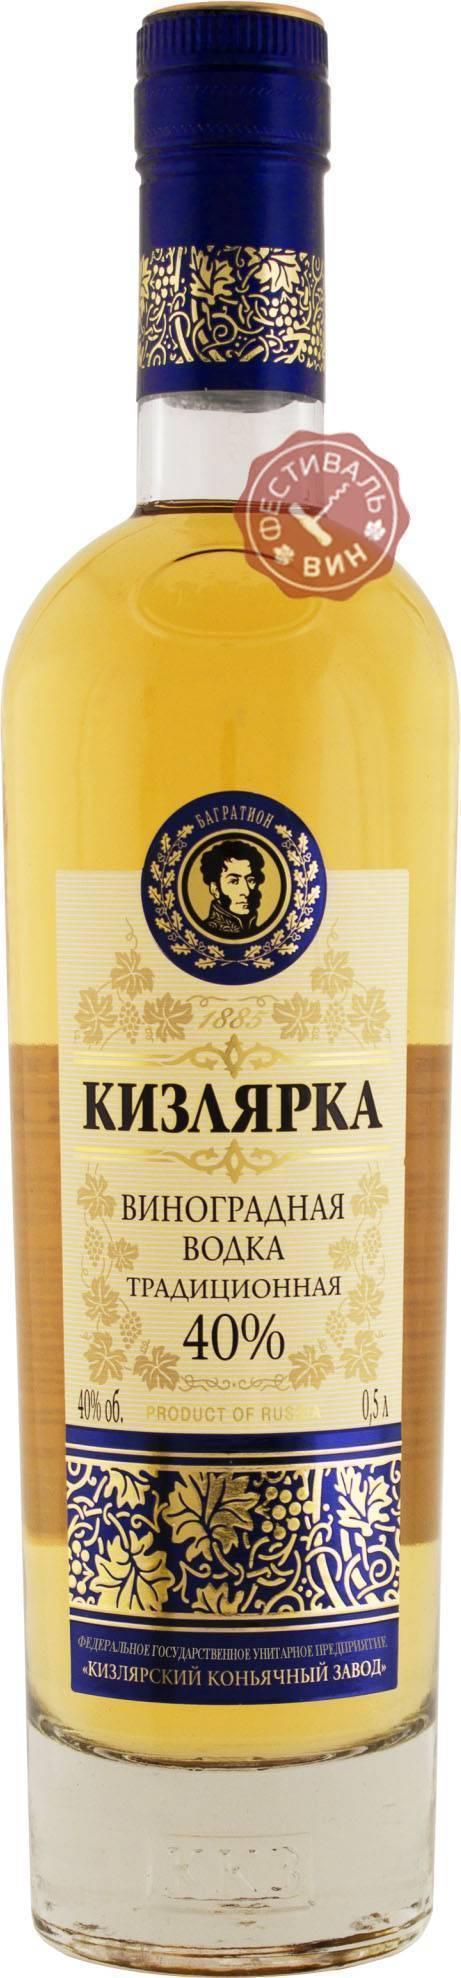 Настойка самогона на винограде, виноградных косточках – как правильно пить